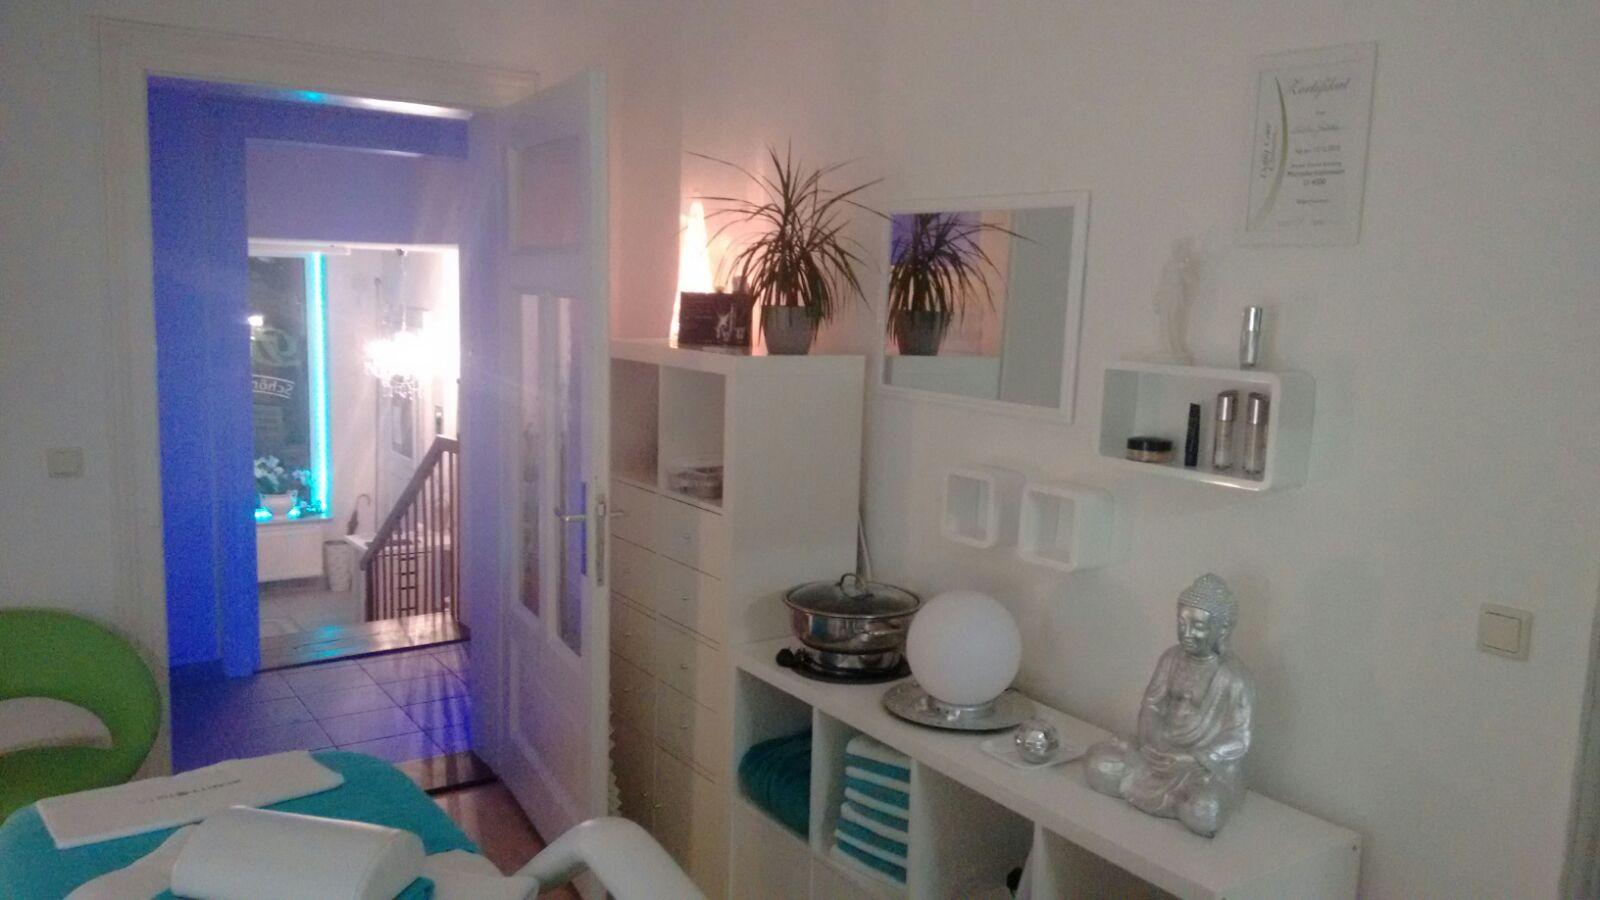 Diamant Kosmetik - Schönheit neu erleben - das freundliche Kosmetikstudio in Braunschweig